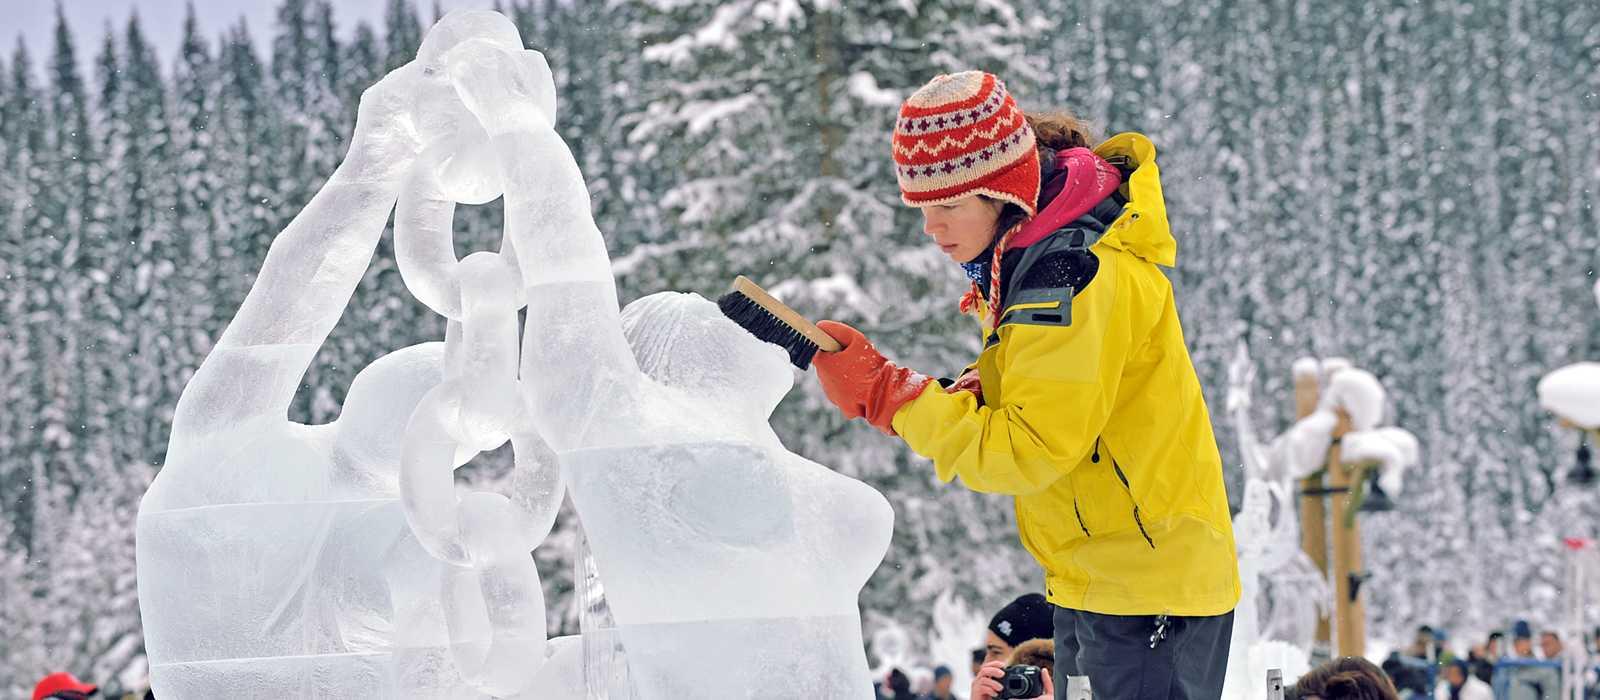 Eisskulpturen in Banff